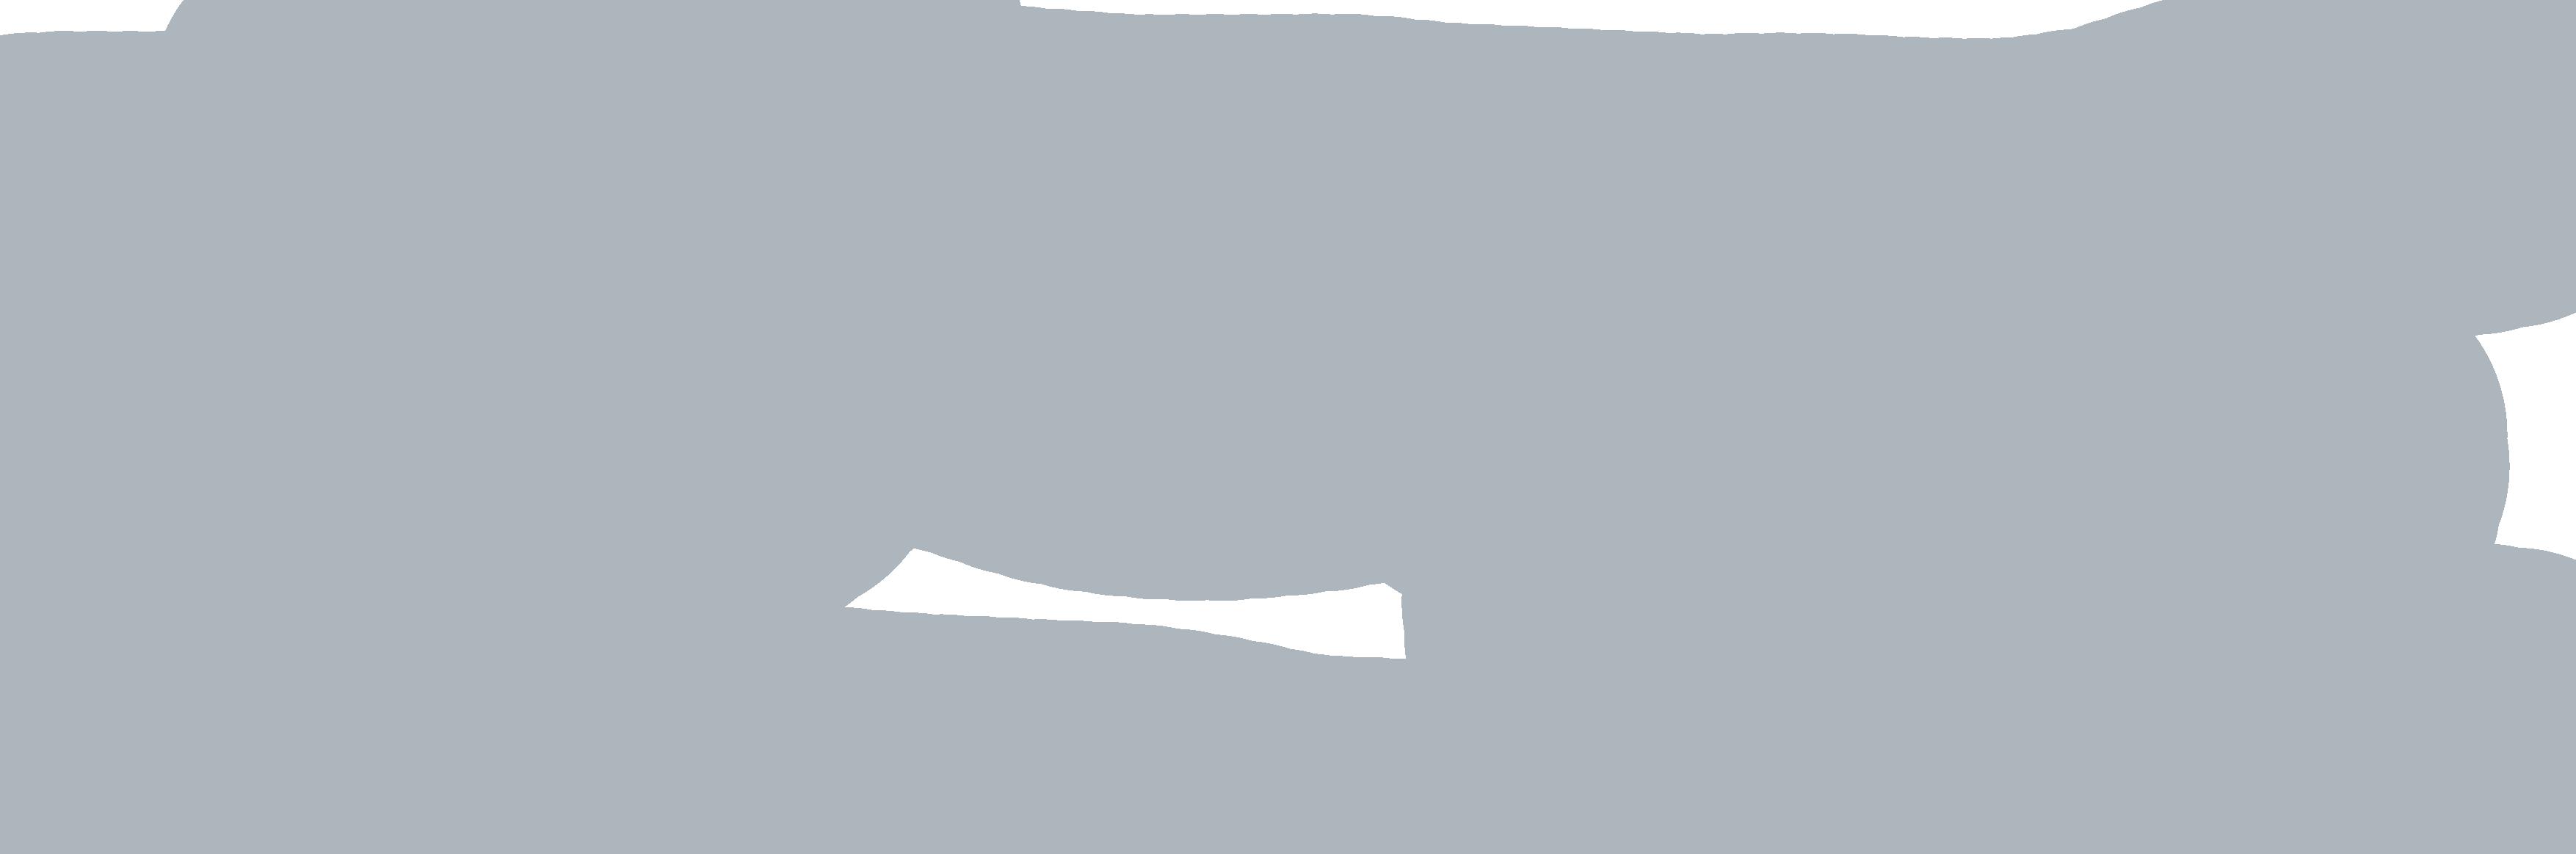 tecnologeria logo